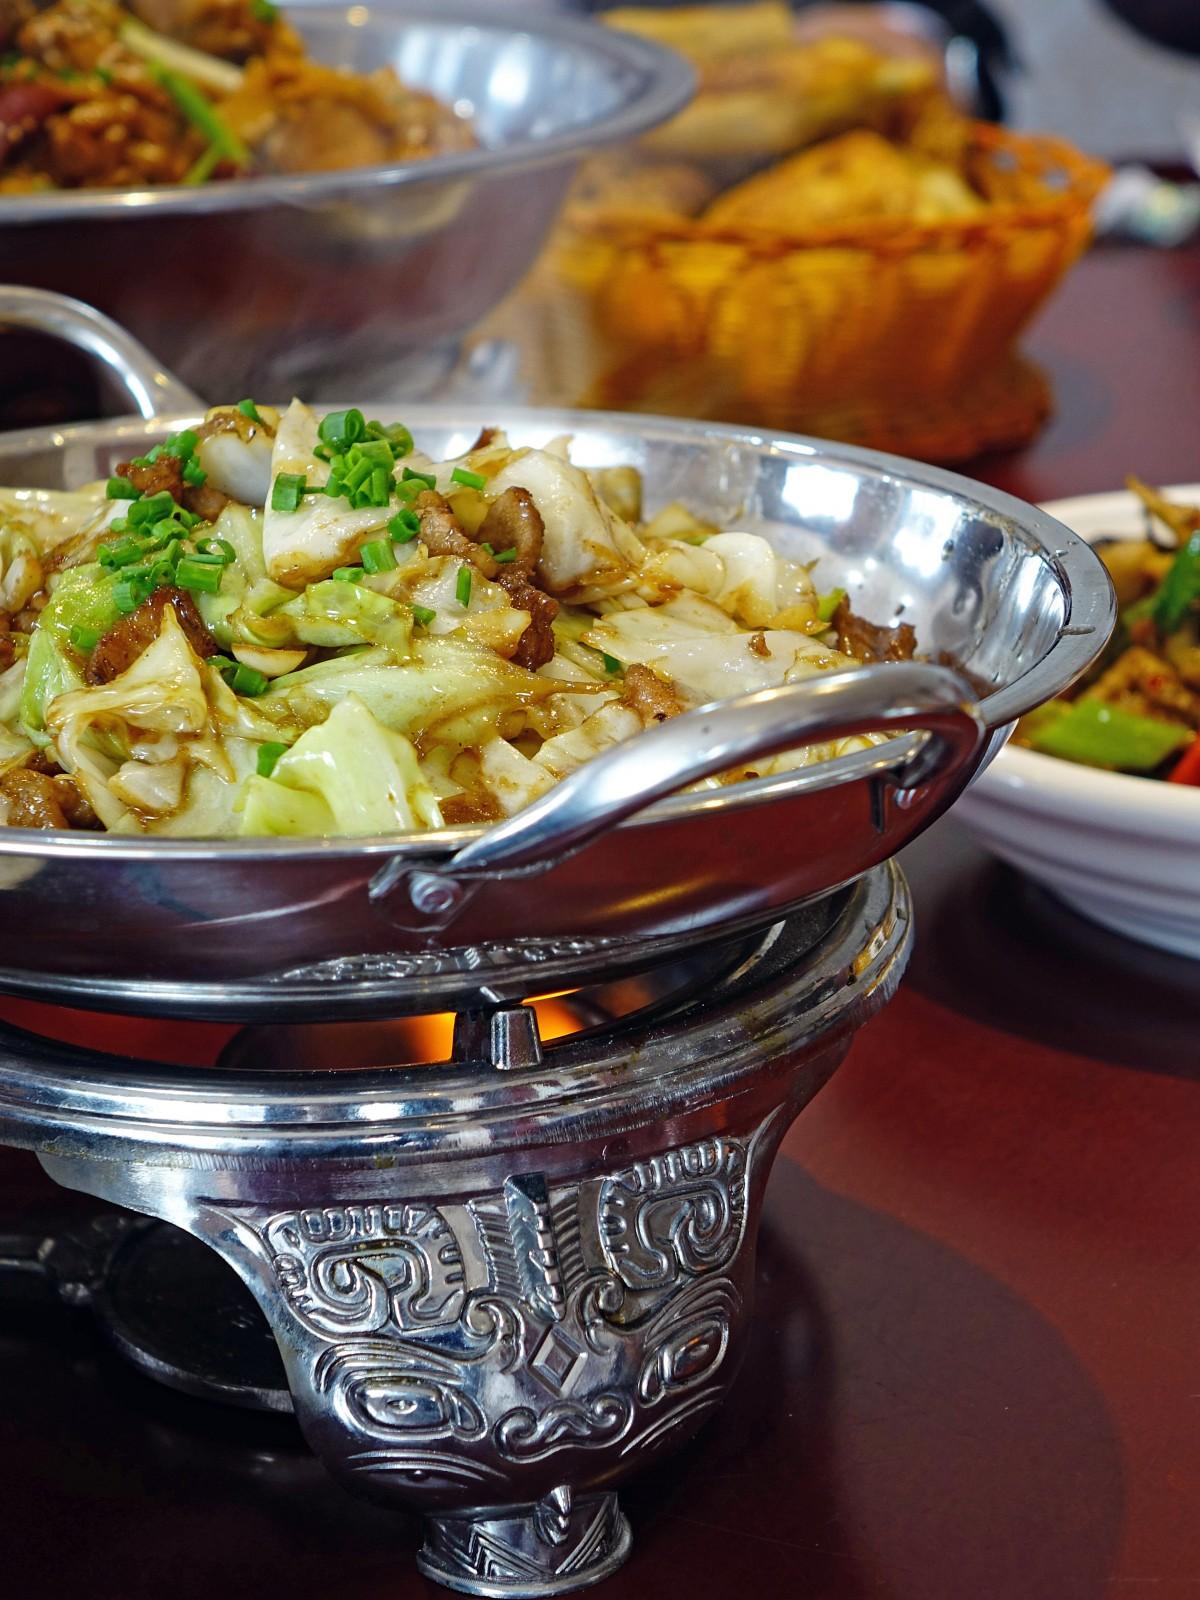 Images Gratuites Restaurant Plat Repas Aliments